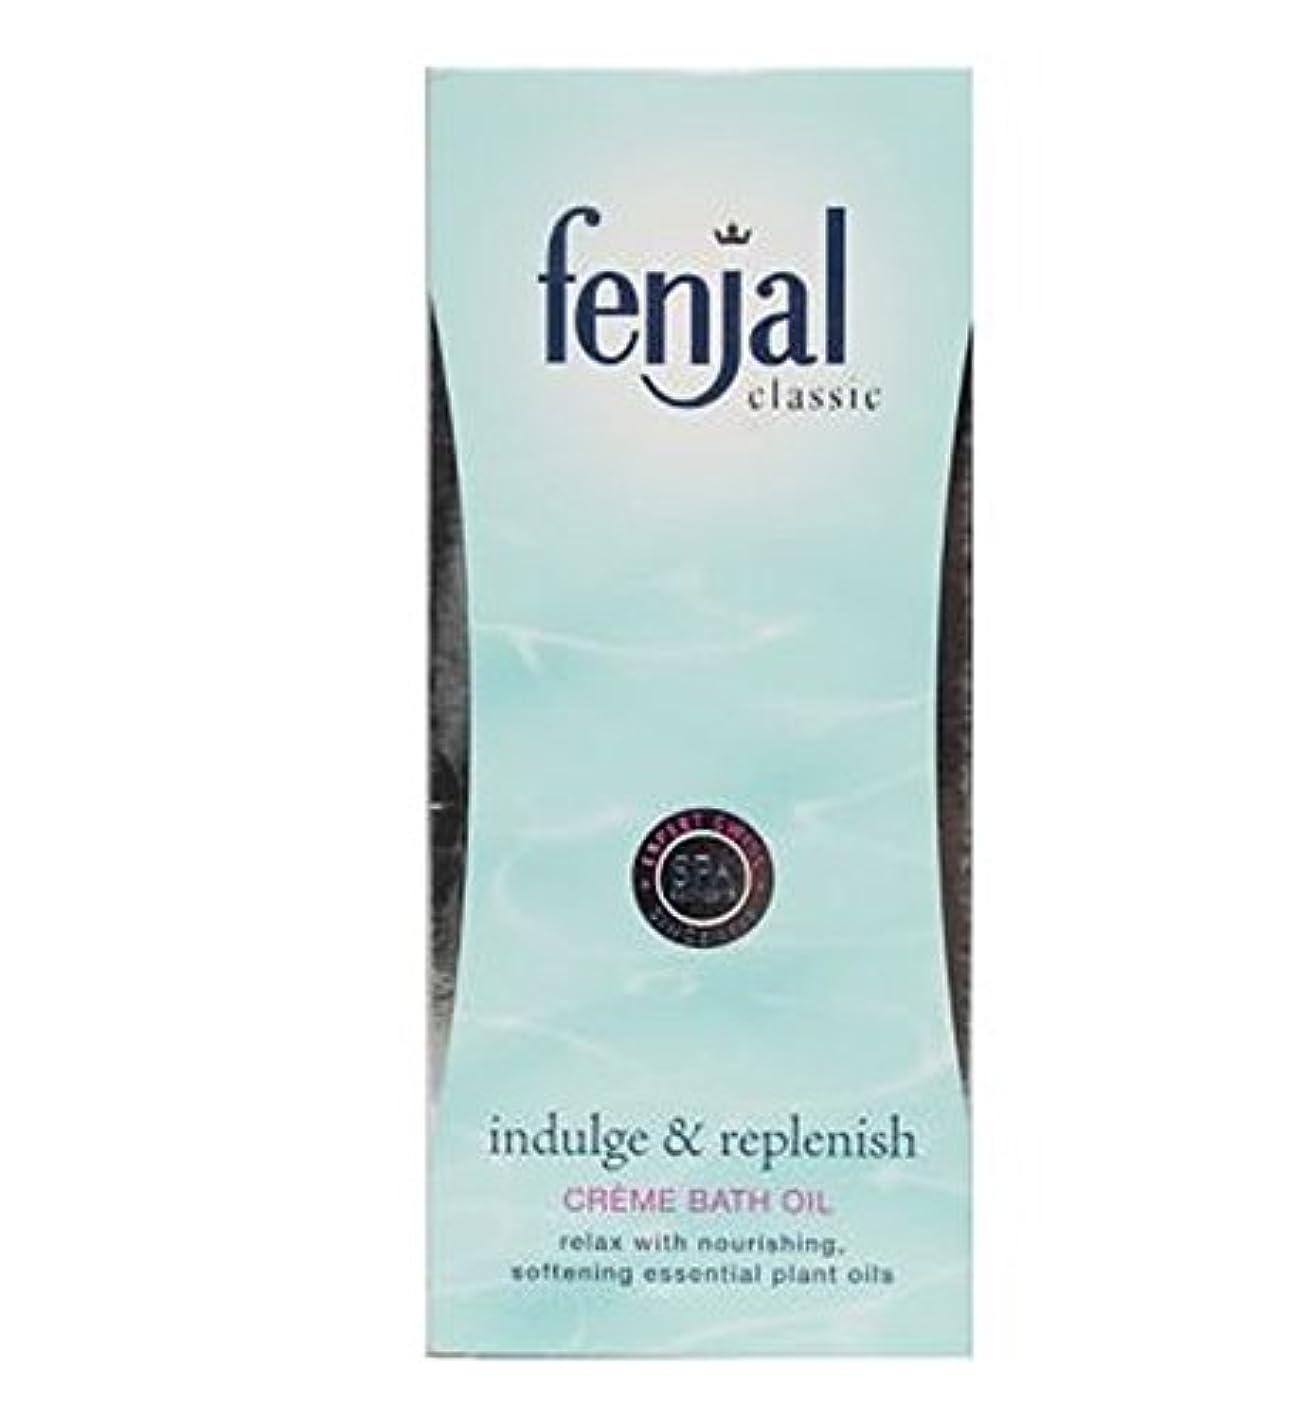 重要性失態ポゴスティックジャンプFenjal Classic Luxury Creme Bath Oil 125 ml - Fenjal古典的な高級クリームバスオイル125ミリリットル (Fenjal) [並行輸入品]